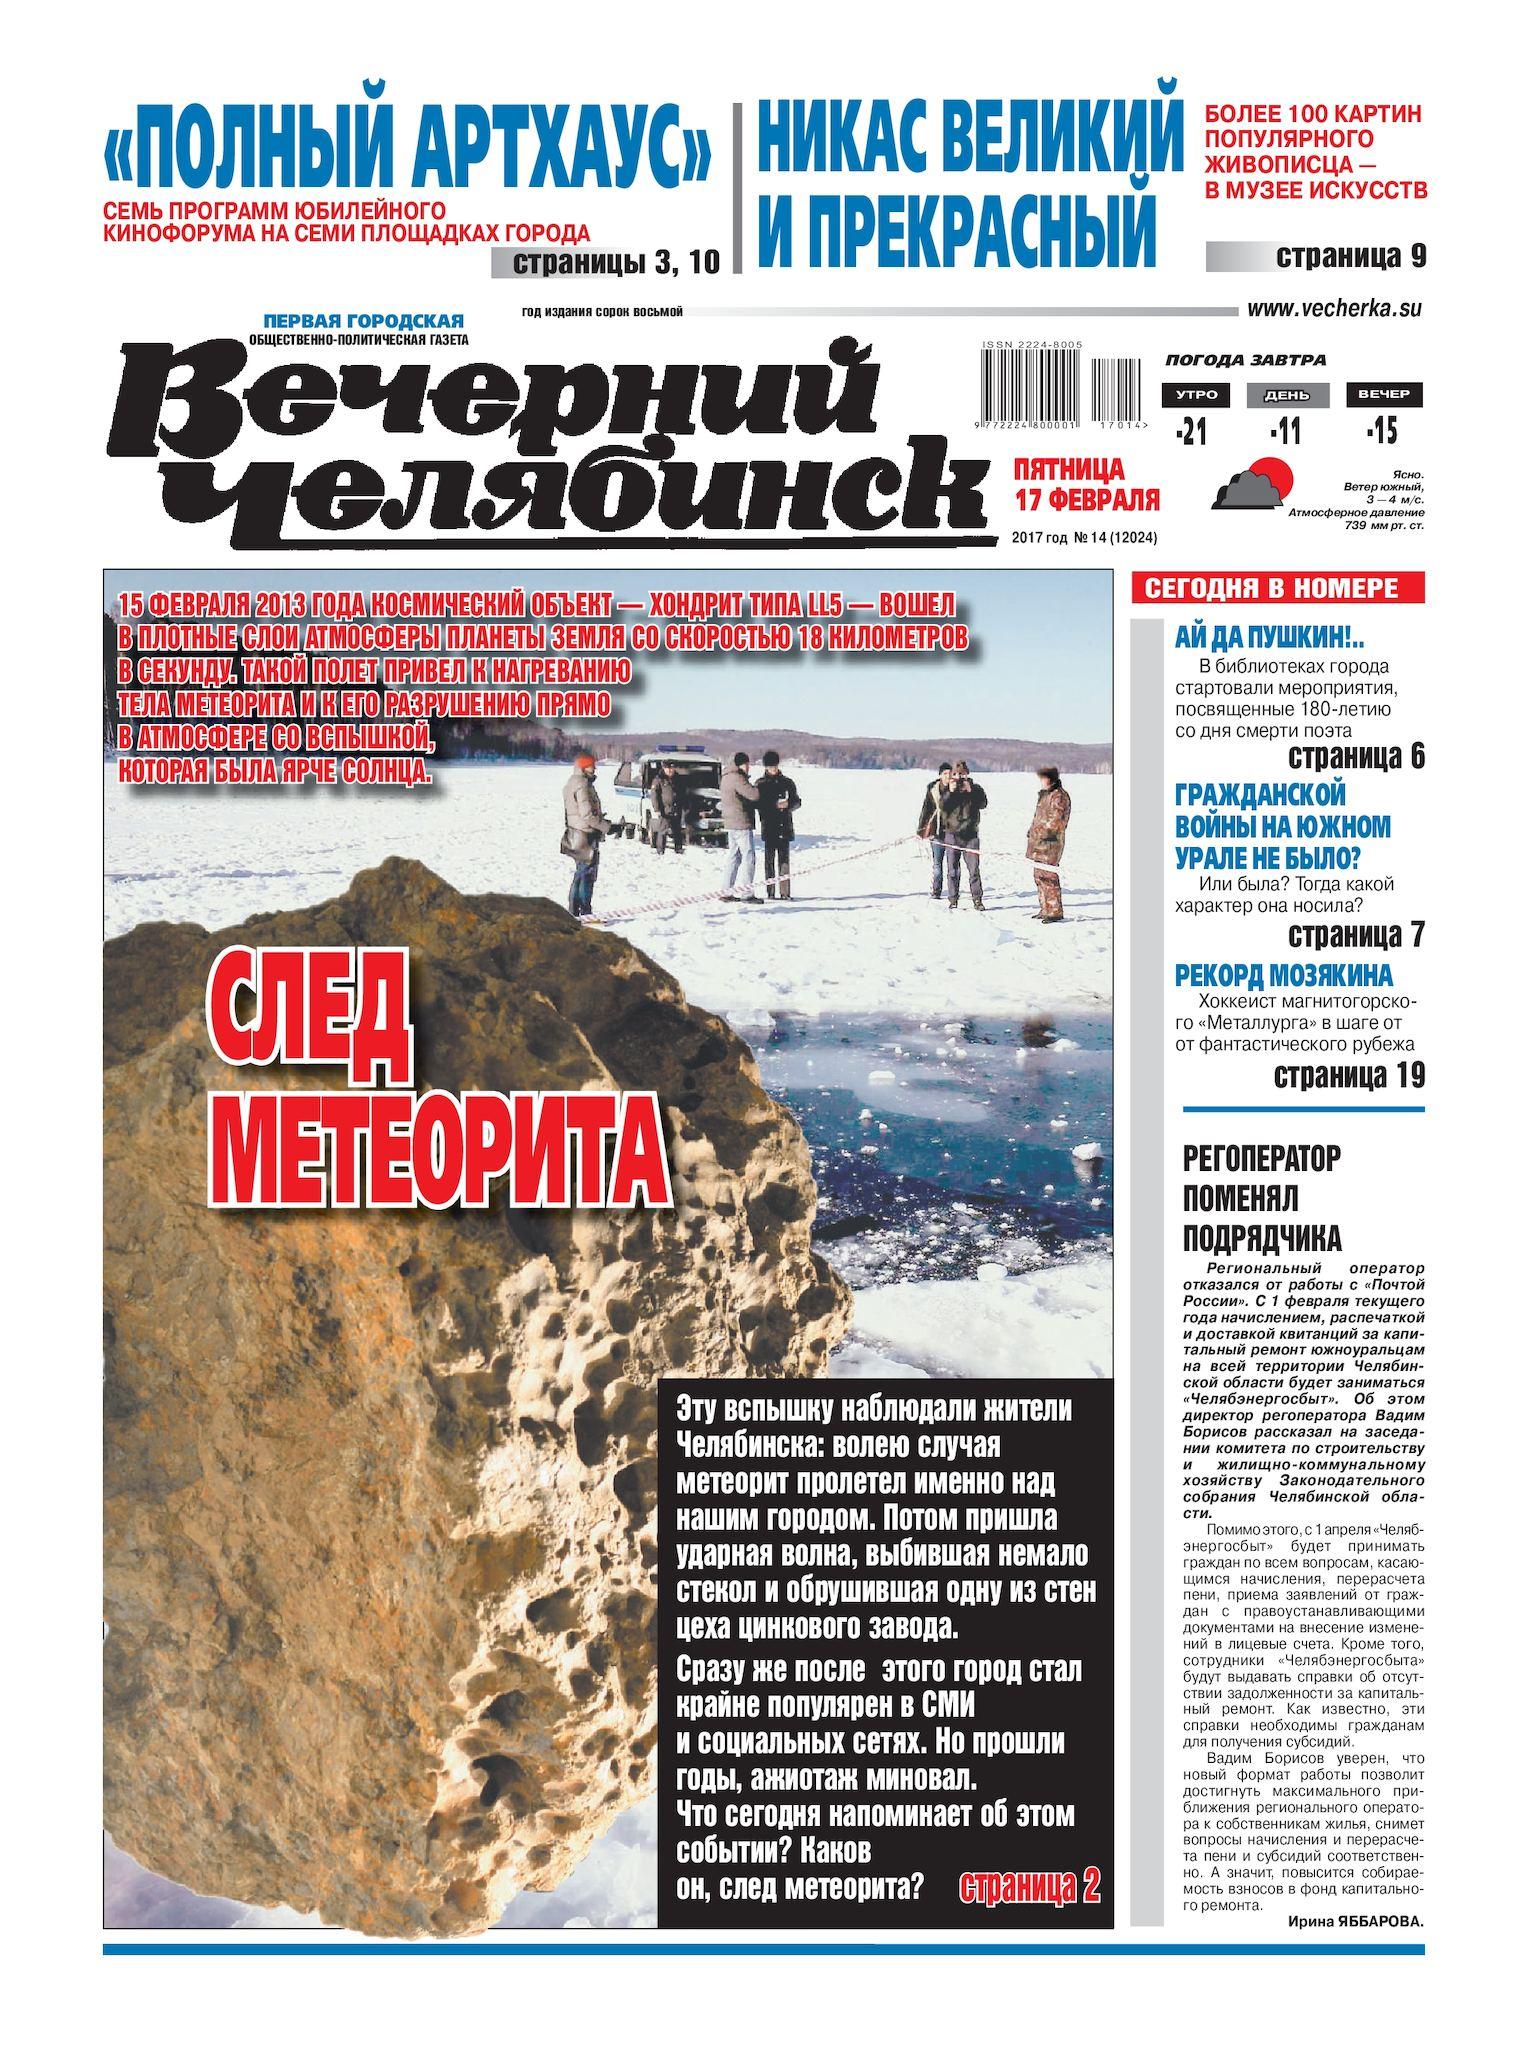 Мирошниченко: пауза в чемпионате пойдет на пользу Карпатам